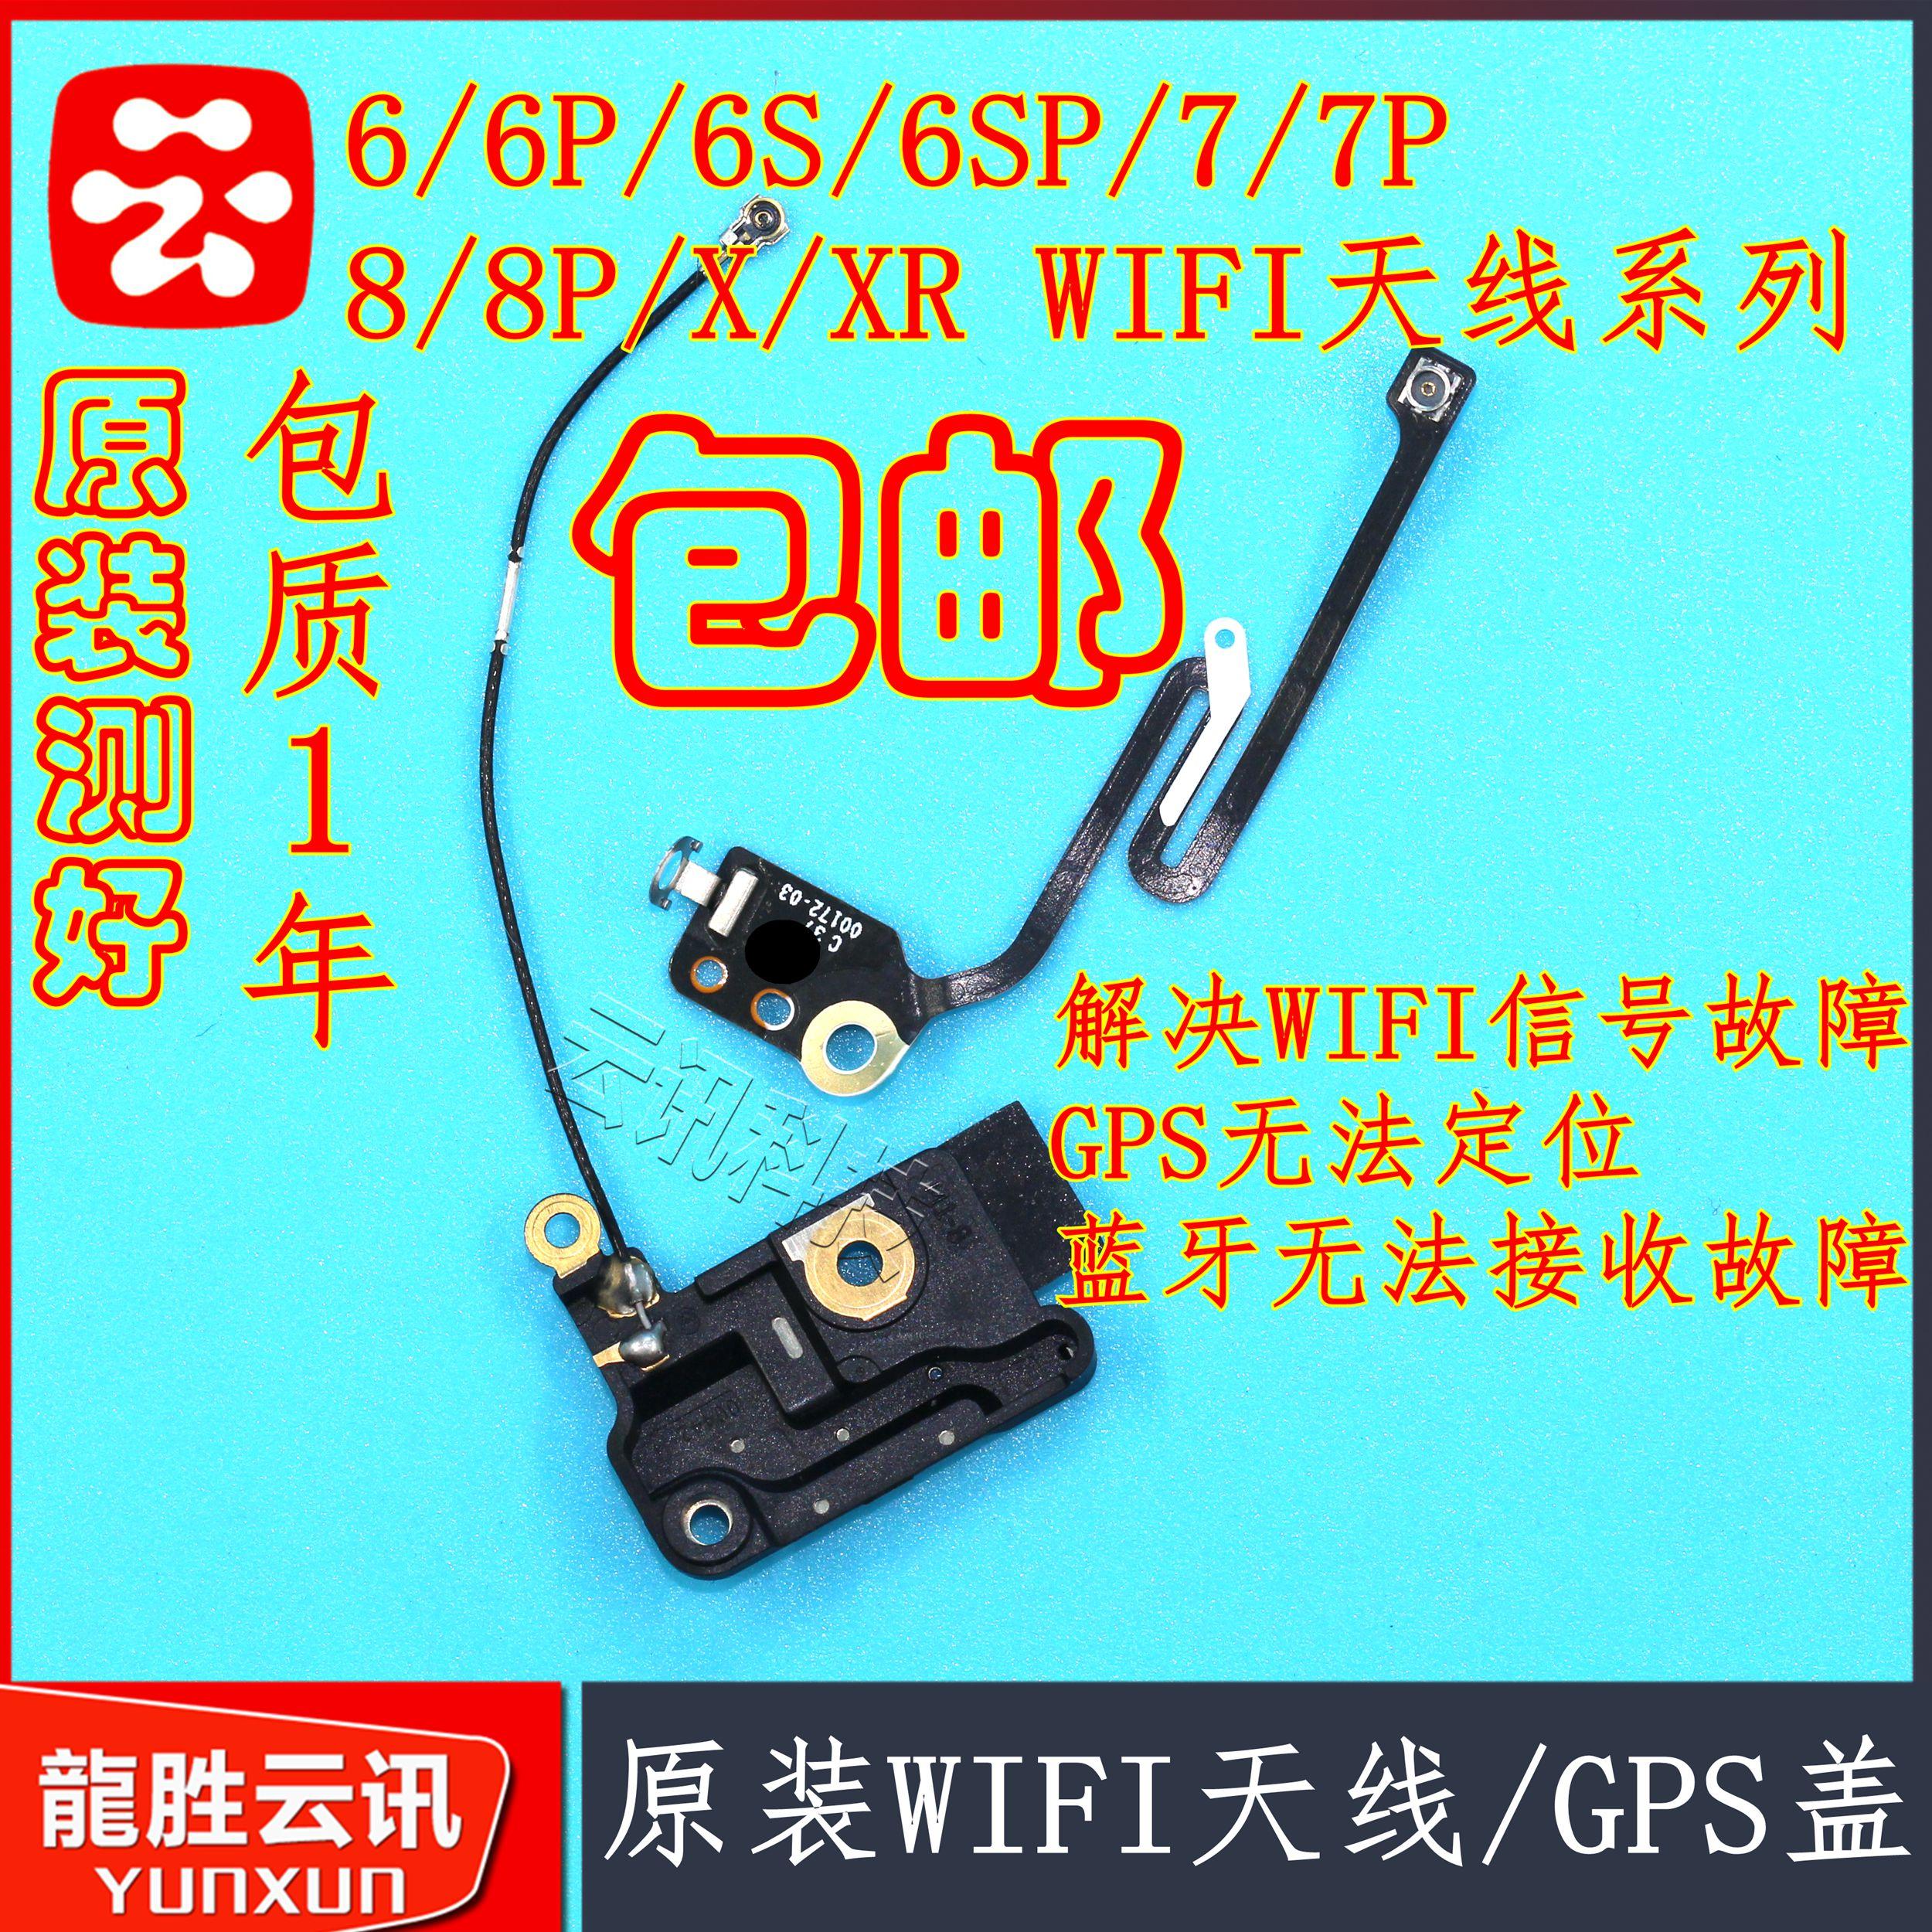 蘋果6代 6plus wifi天線 7代8代 X 6P 6S 6SPwifi蓋wifi線 天線蓋